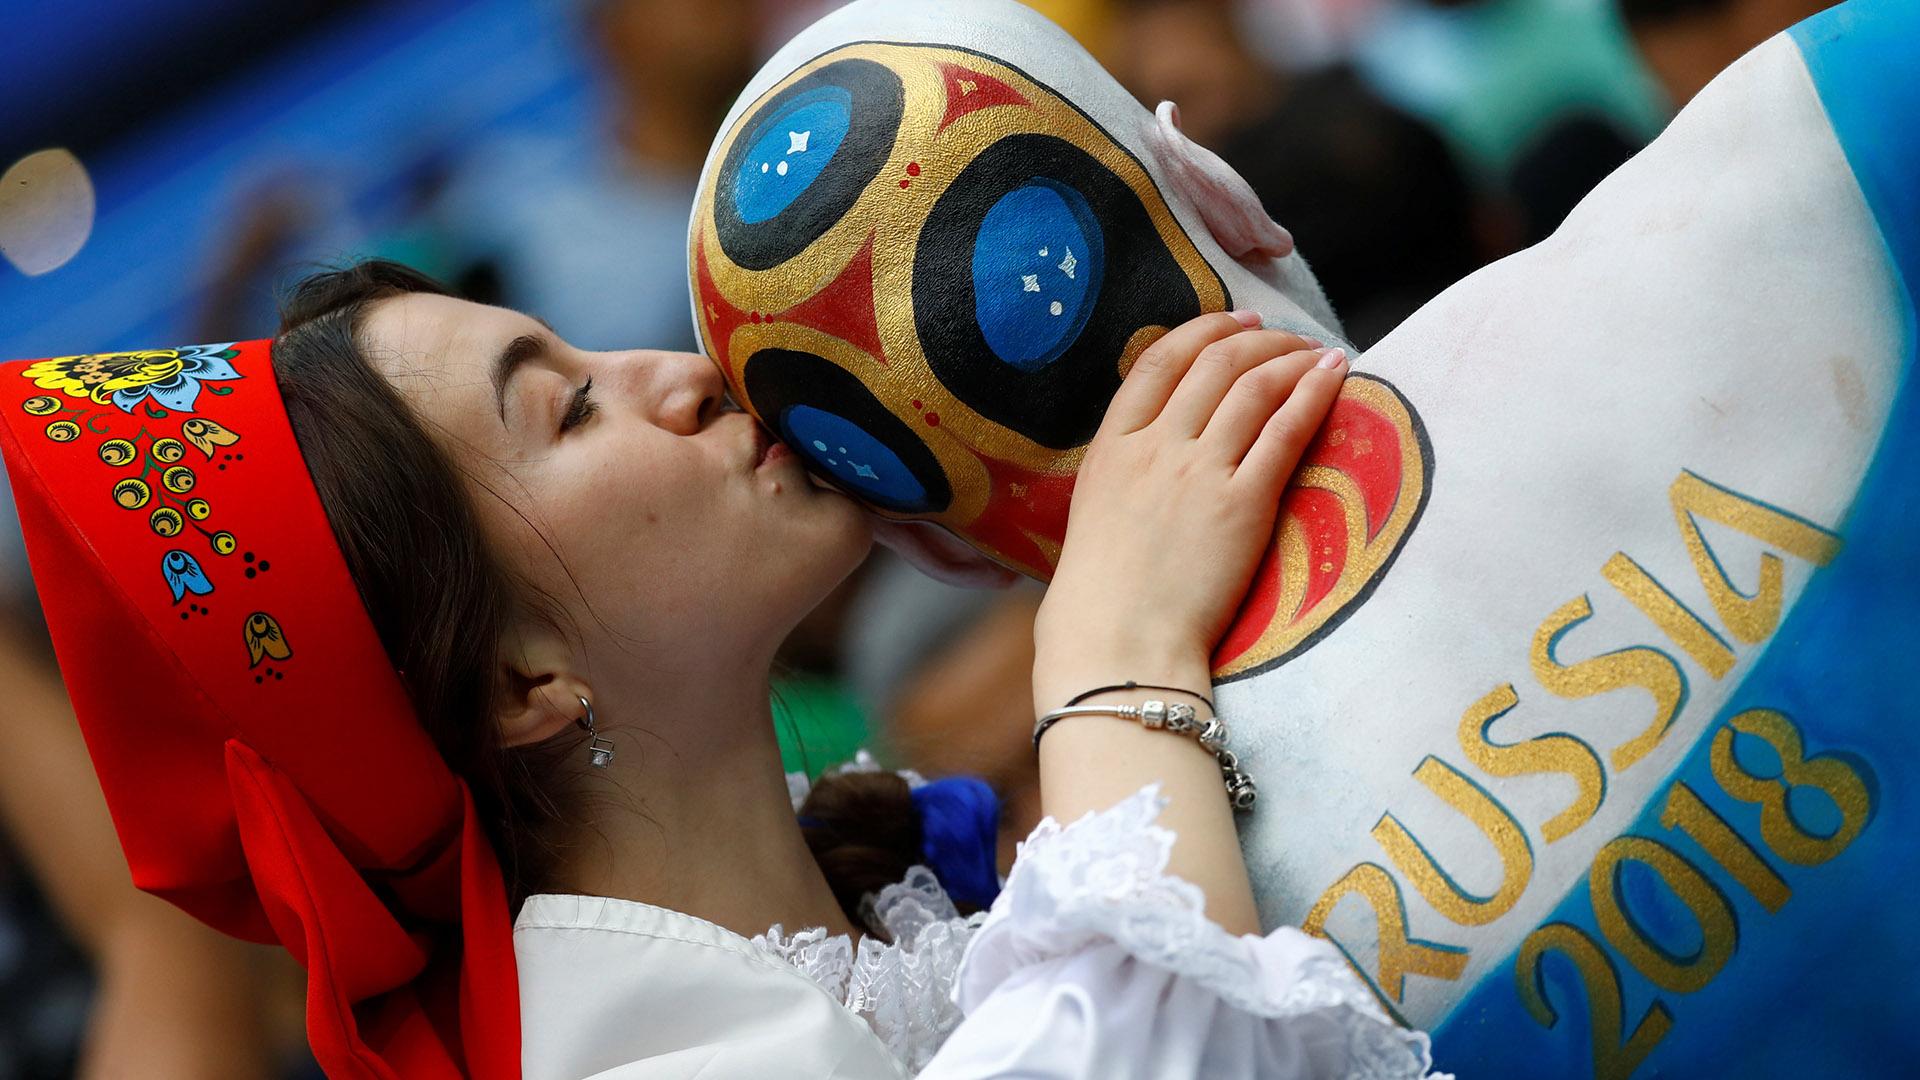 Comenzó el Mundial de Rusia 2018 en un estadio colmado por hinchas locales (REUTERS/Kai Pfaffenbach)